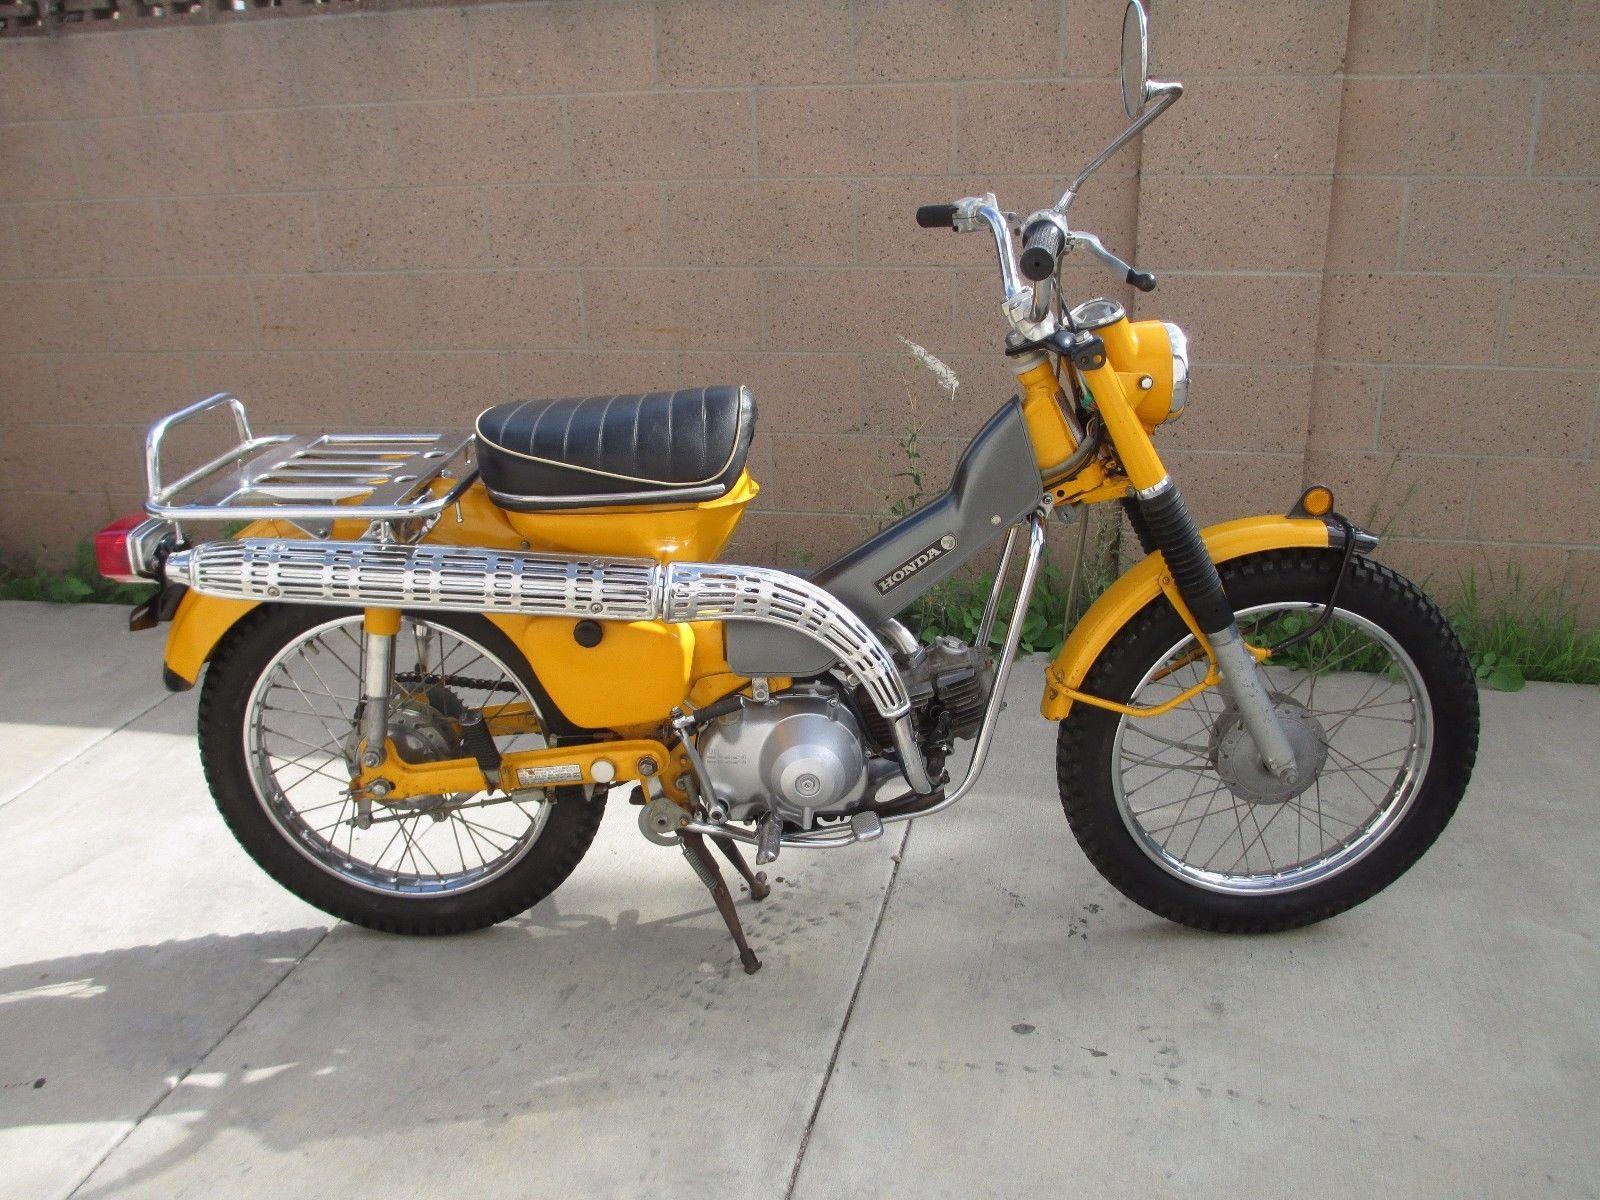 eBay: 1969 Honda CT Vintage 1969 Honda CT90, Enduro, Ahrma, Low miles,  WoW!!!! #motorcycles #biker